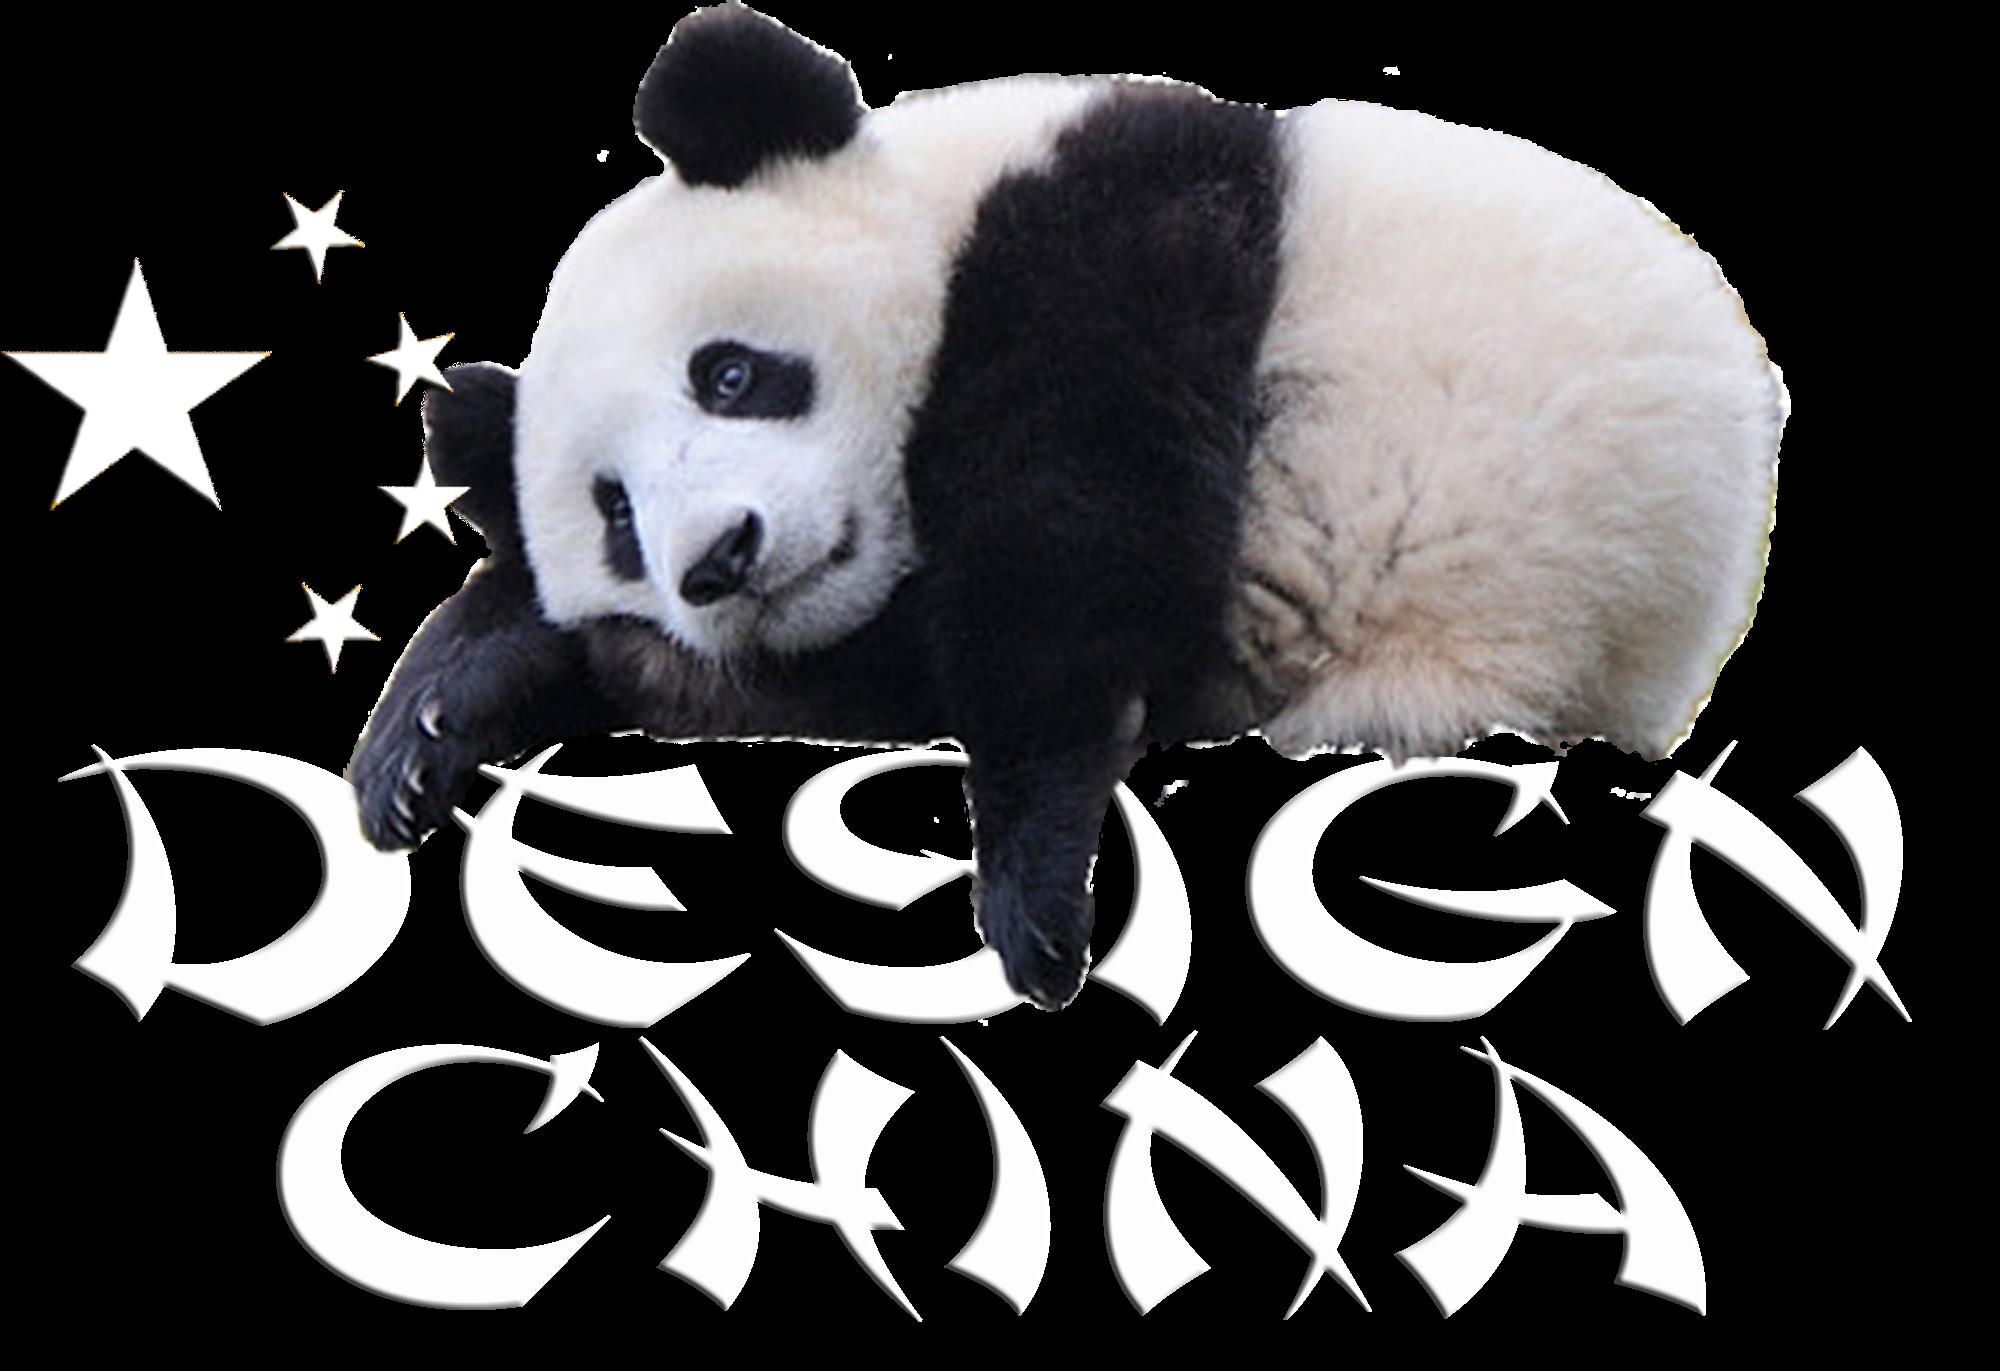 DESIGN CHINA